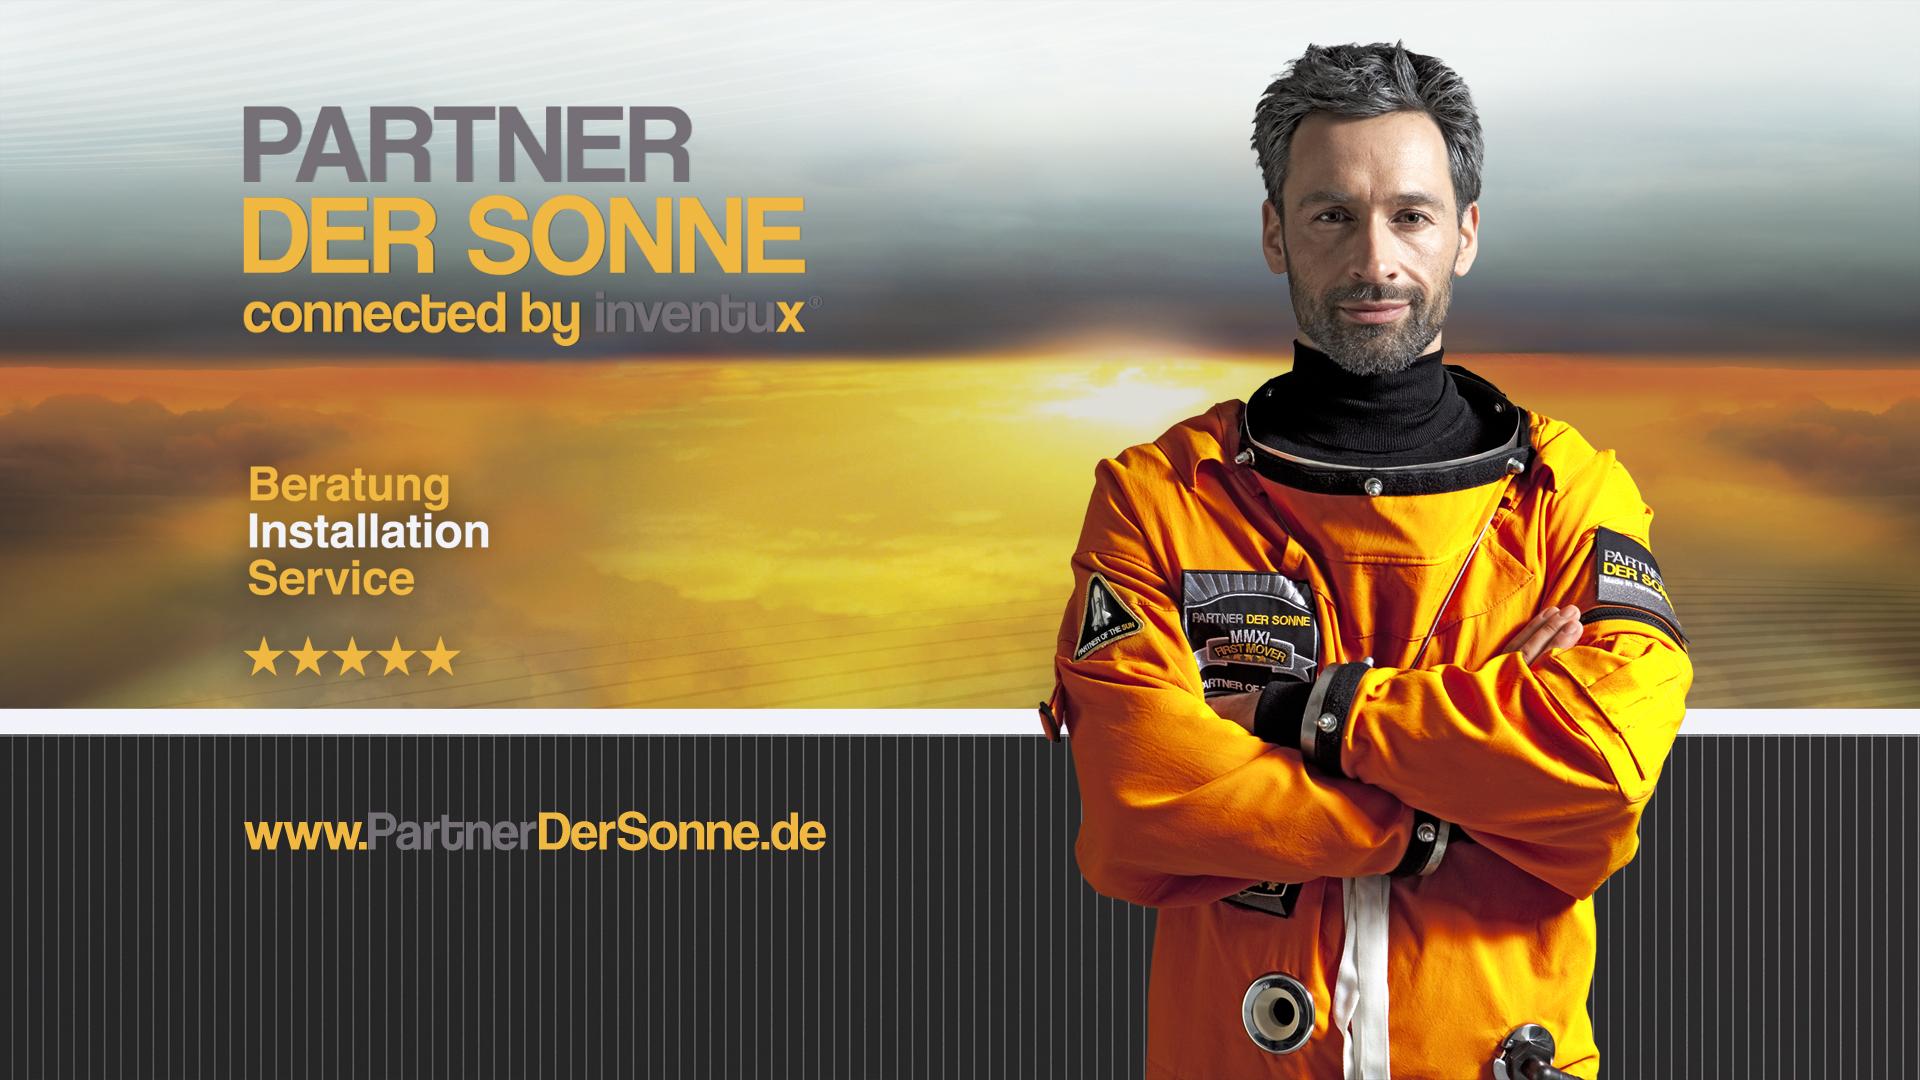 Partner der Sonne – Brand Concept